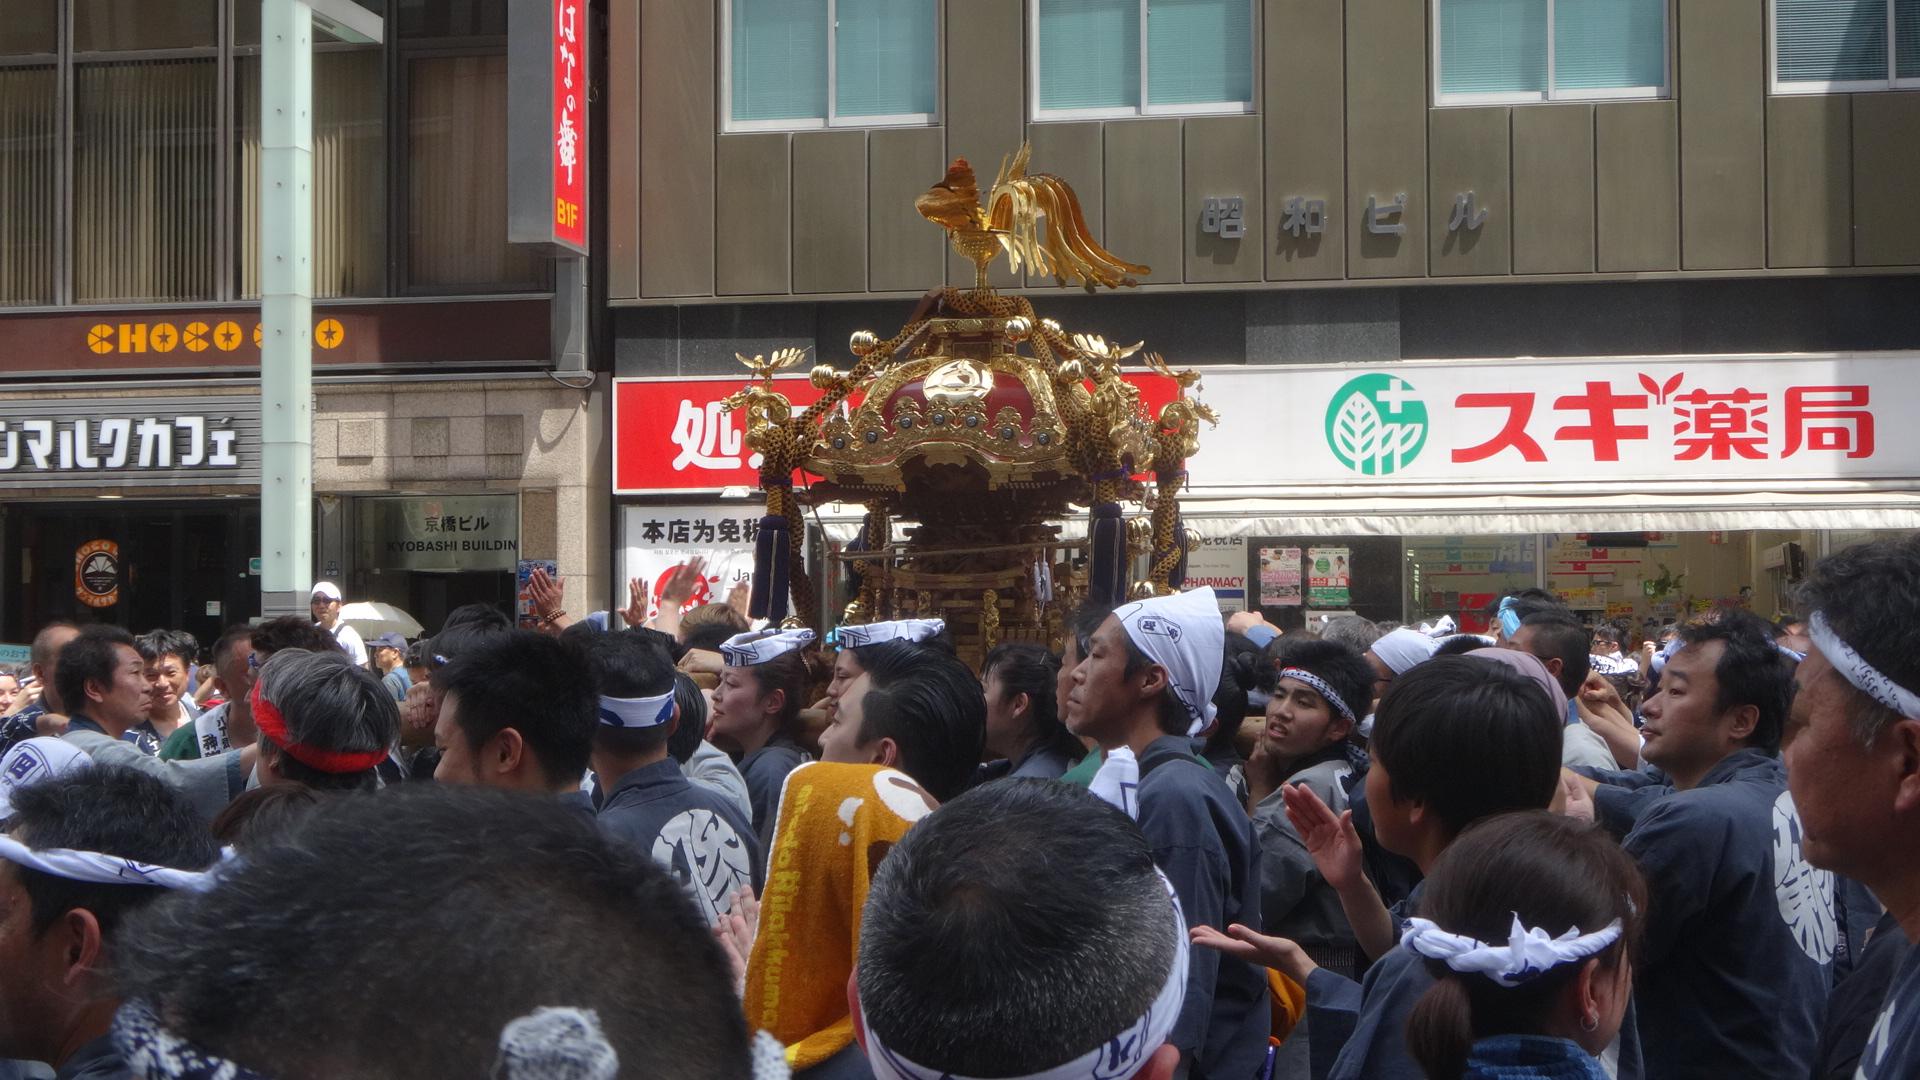 八丁堀の神輿